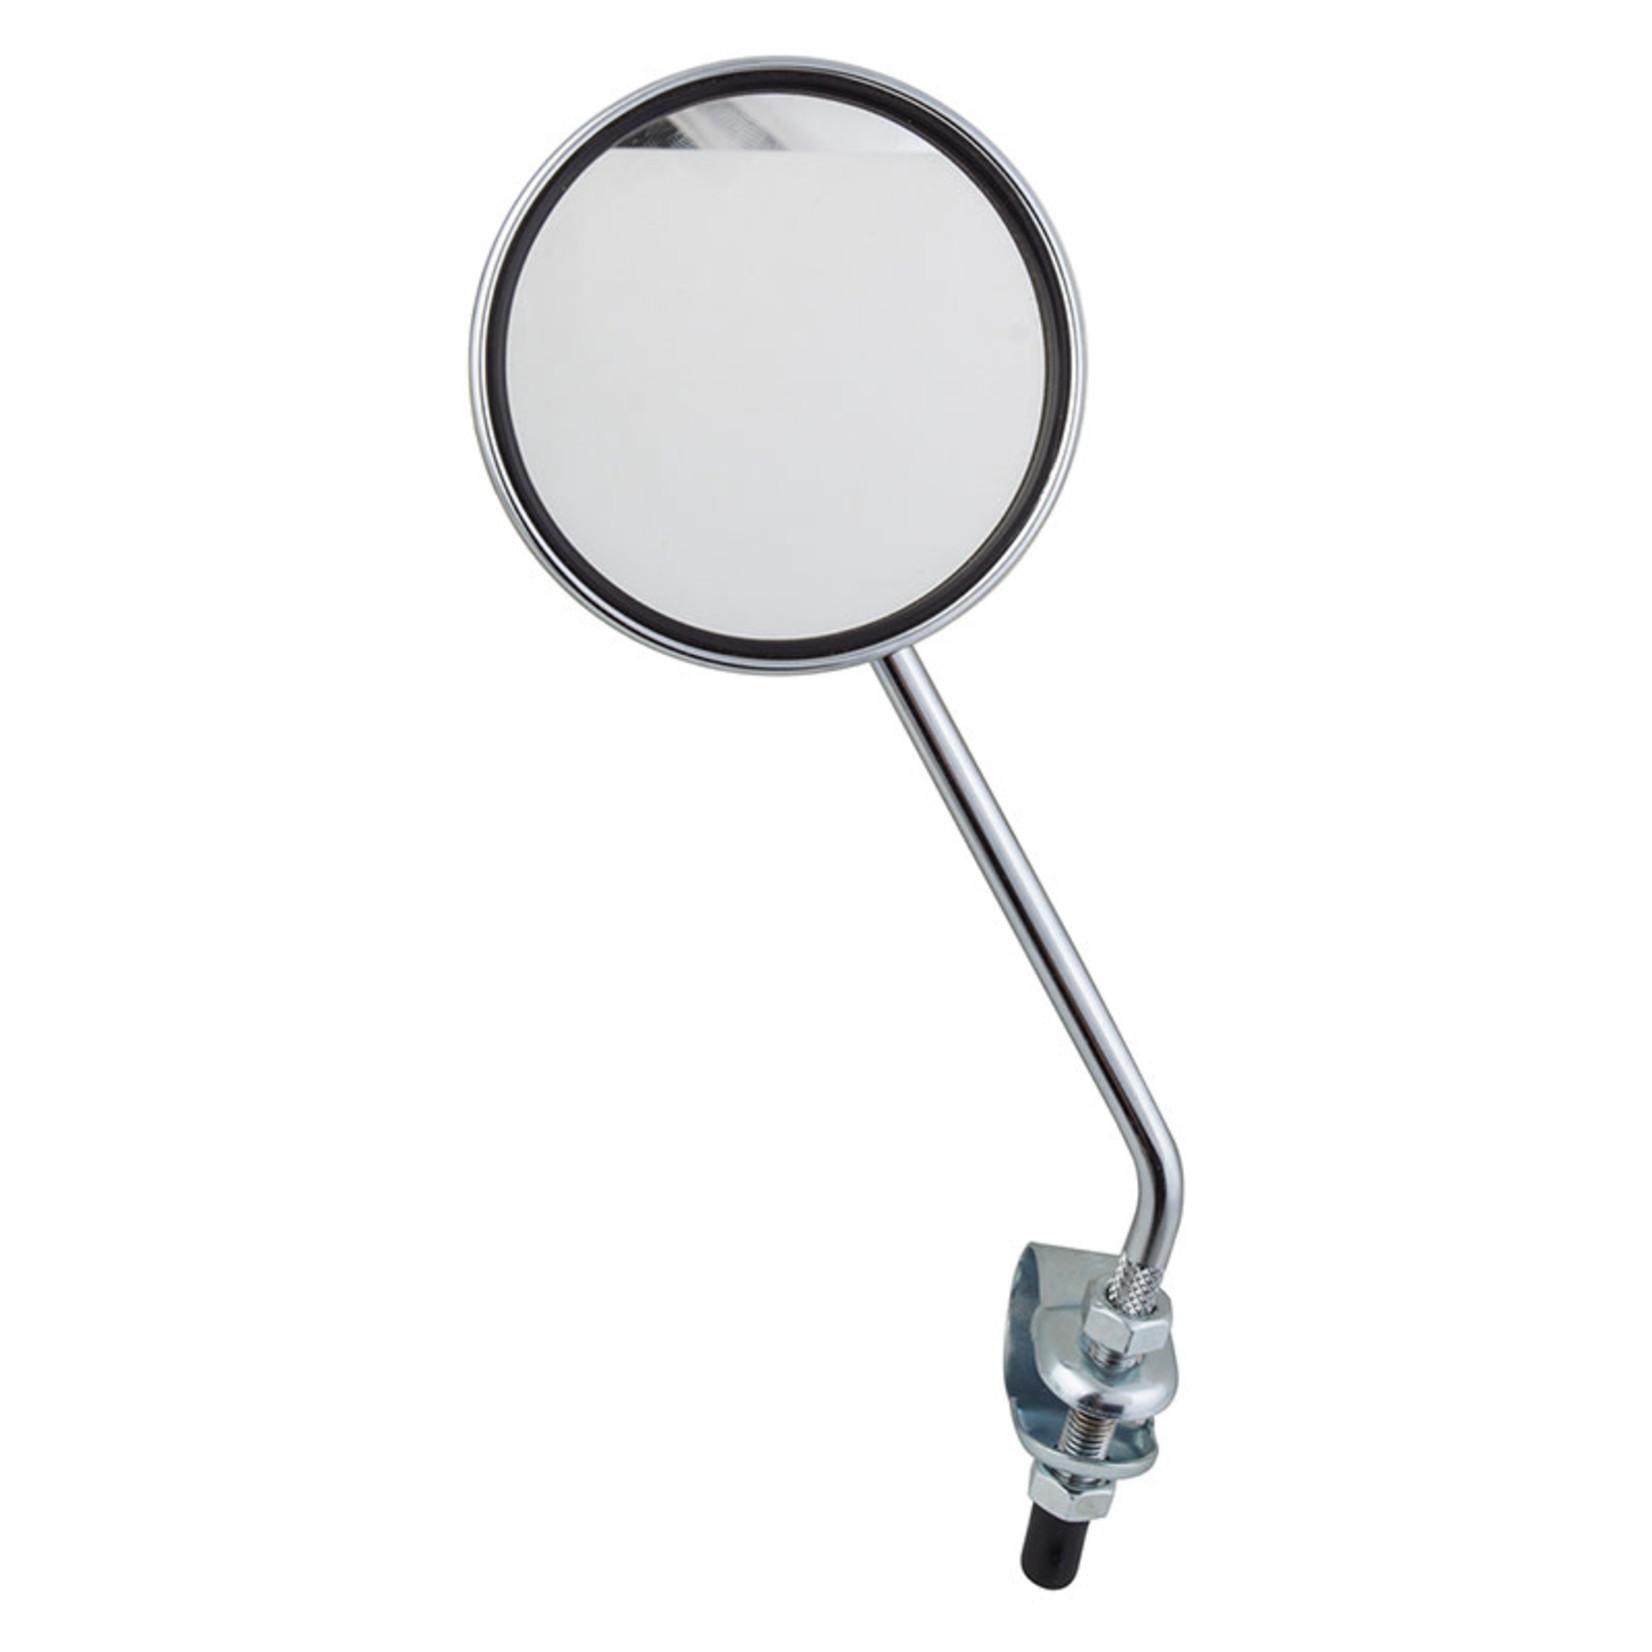 MIRROR SUNLT ROUND 3in CP w/YL REFLECTOR